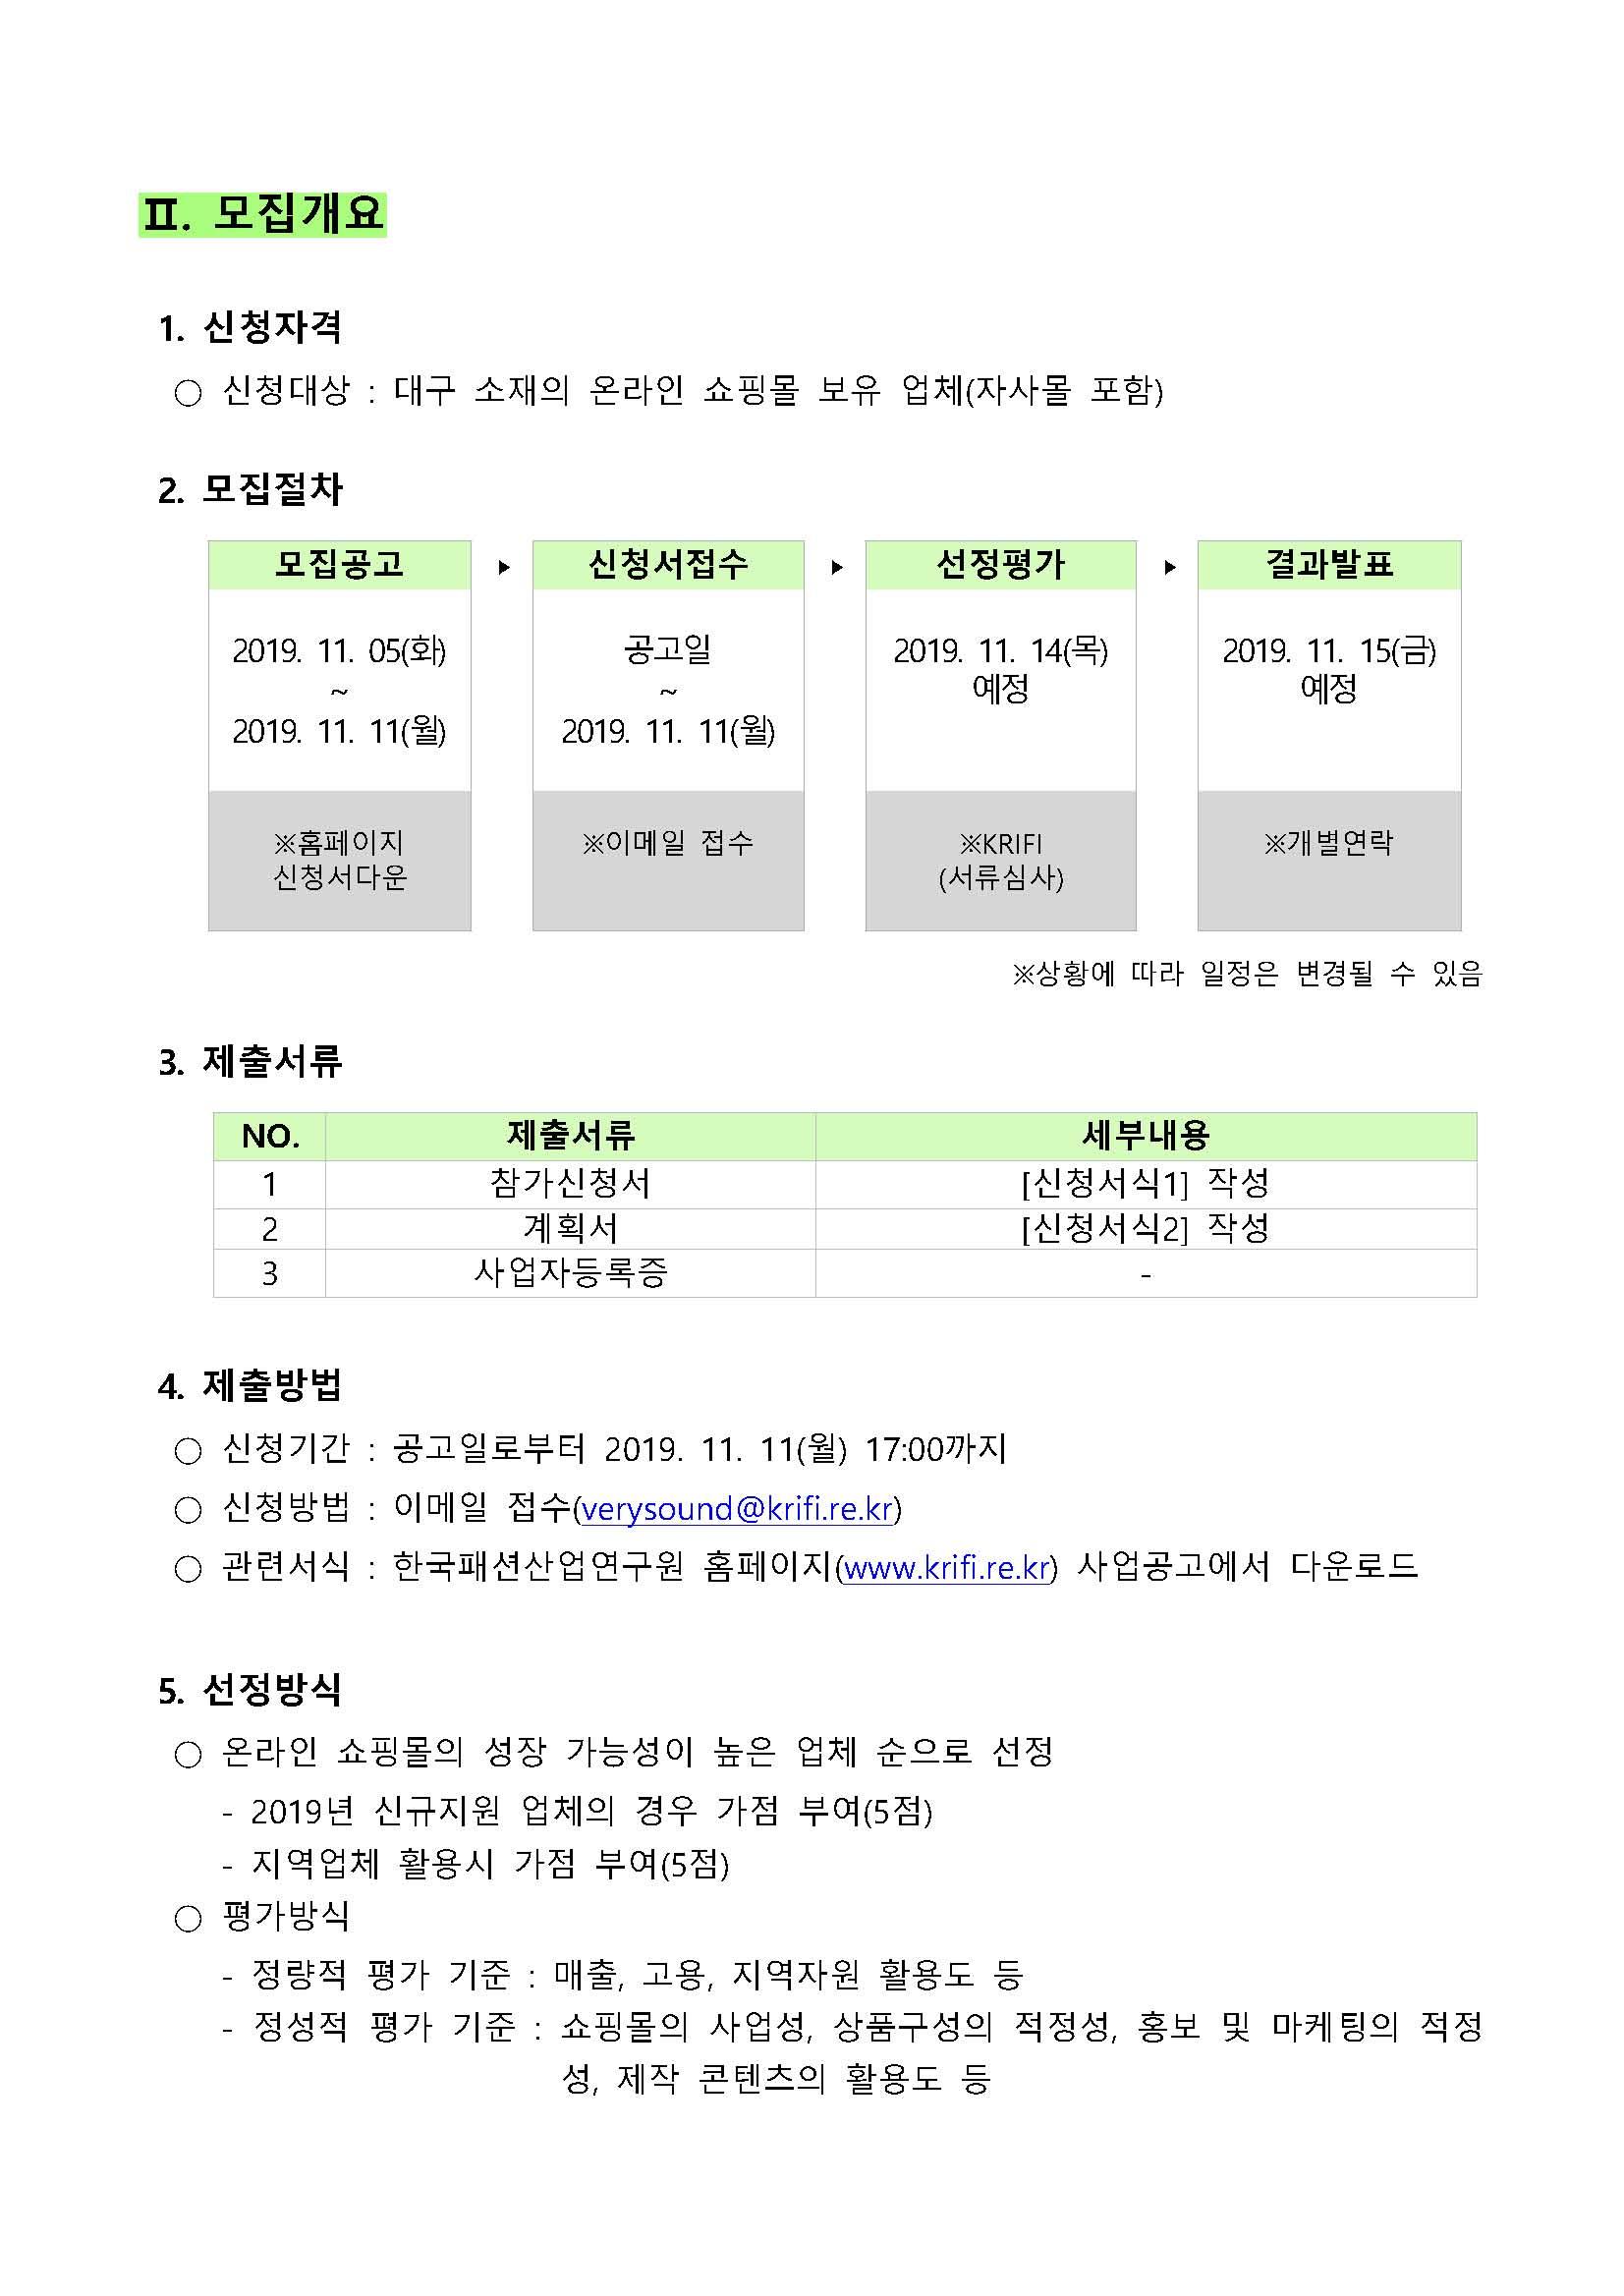 온라인 쇼핑몰 콘텐츠 제작 지원 모집공고(안)_페이지_2.jpg